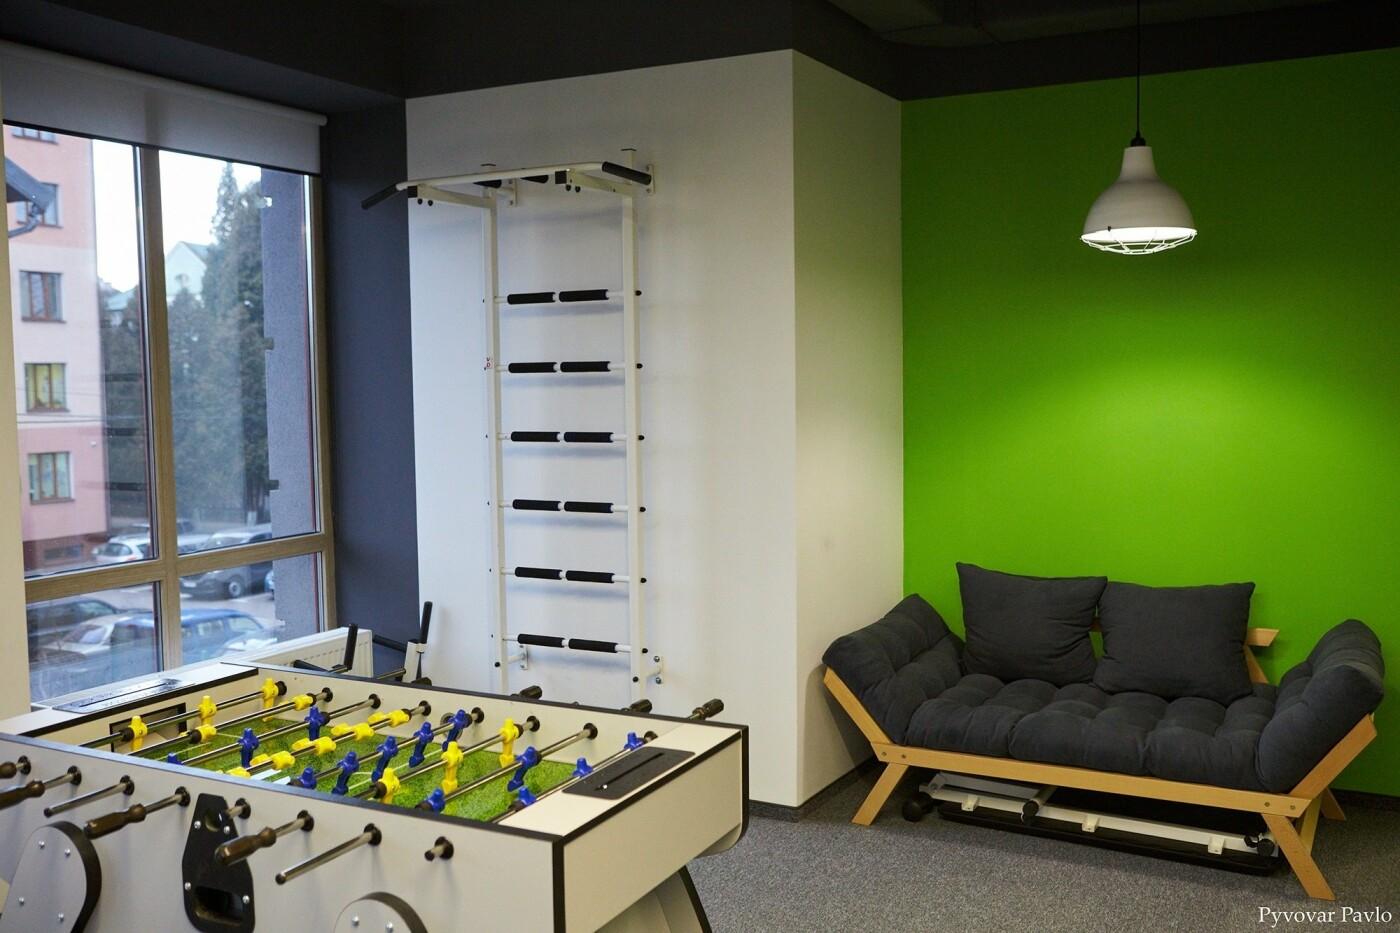 Одна з найбільших ІТ-компаній України Intellias відкриває офіс у Франківську (фото), фото-3